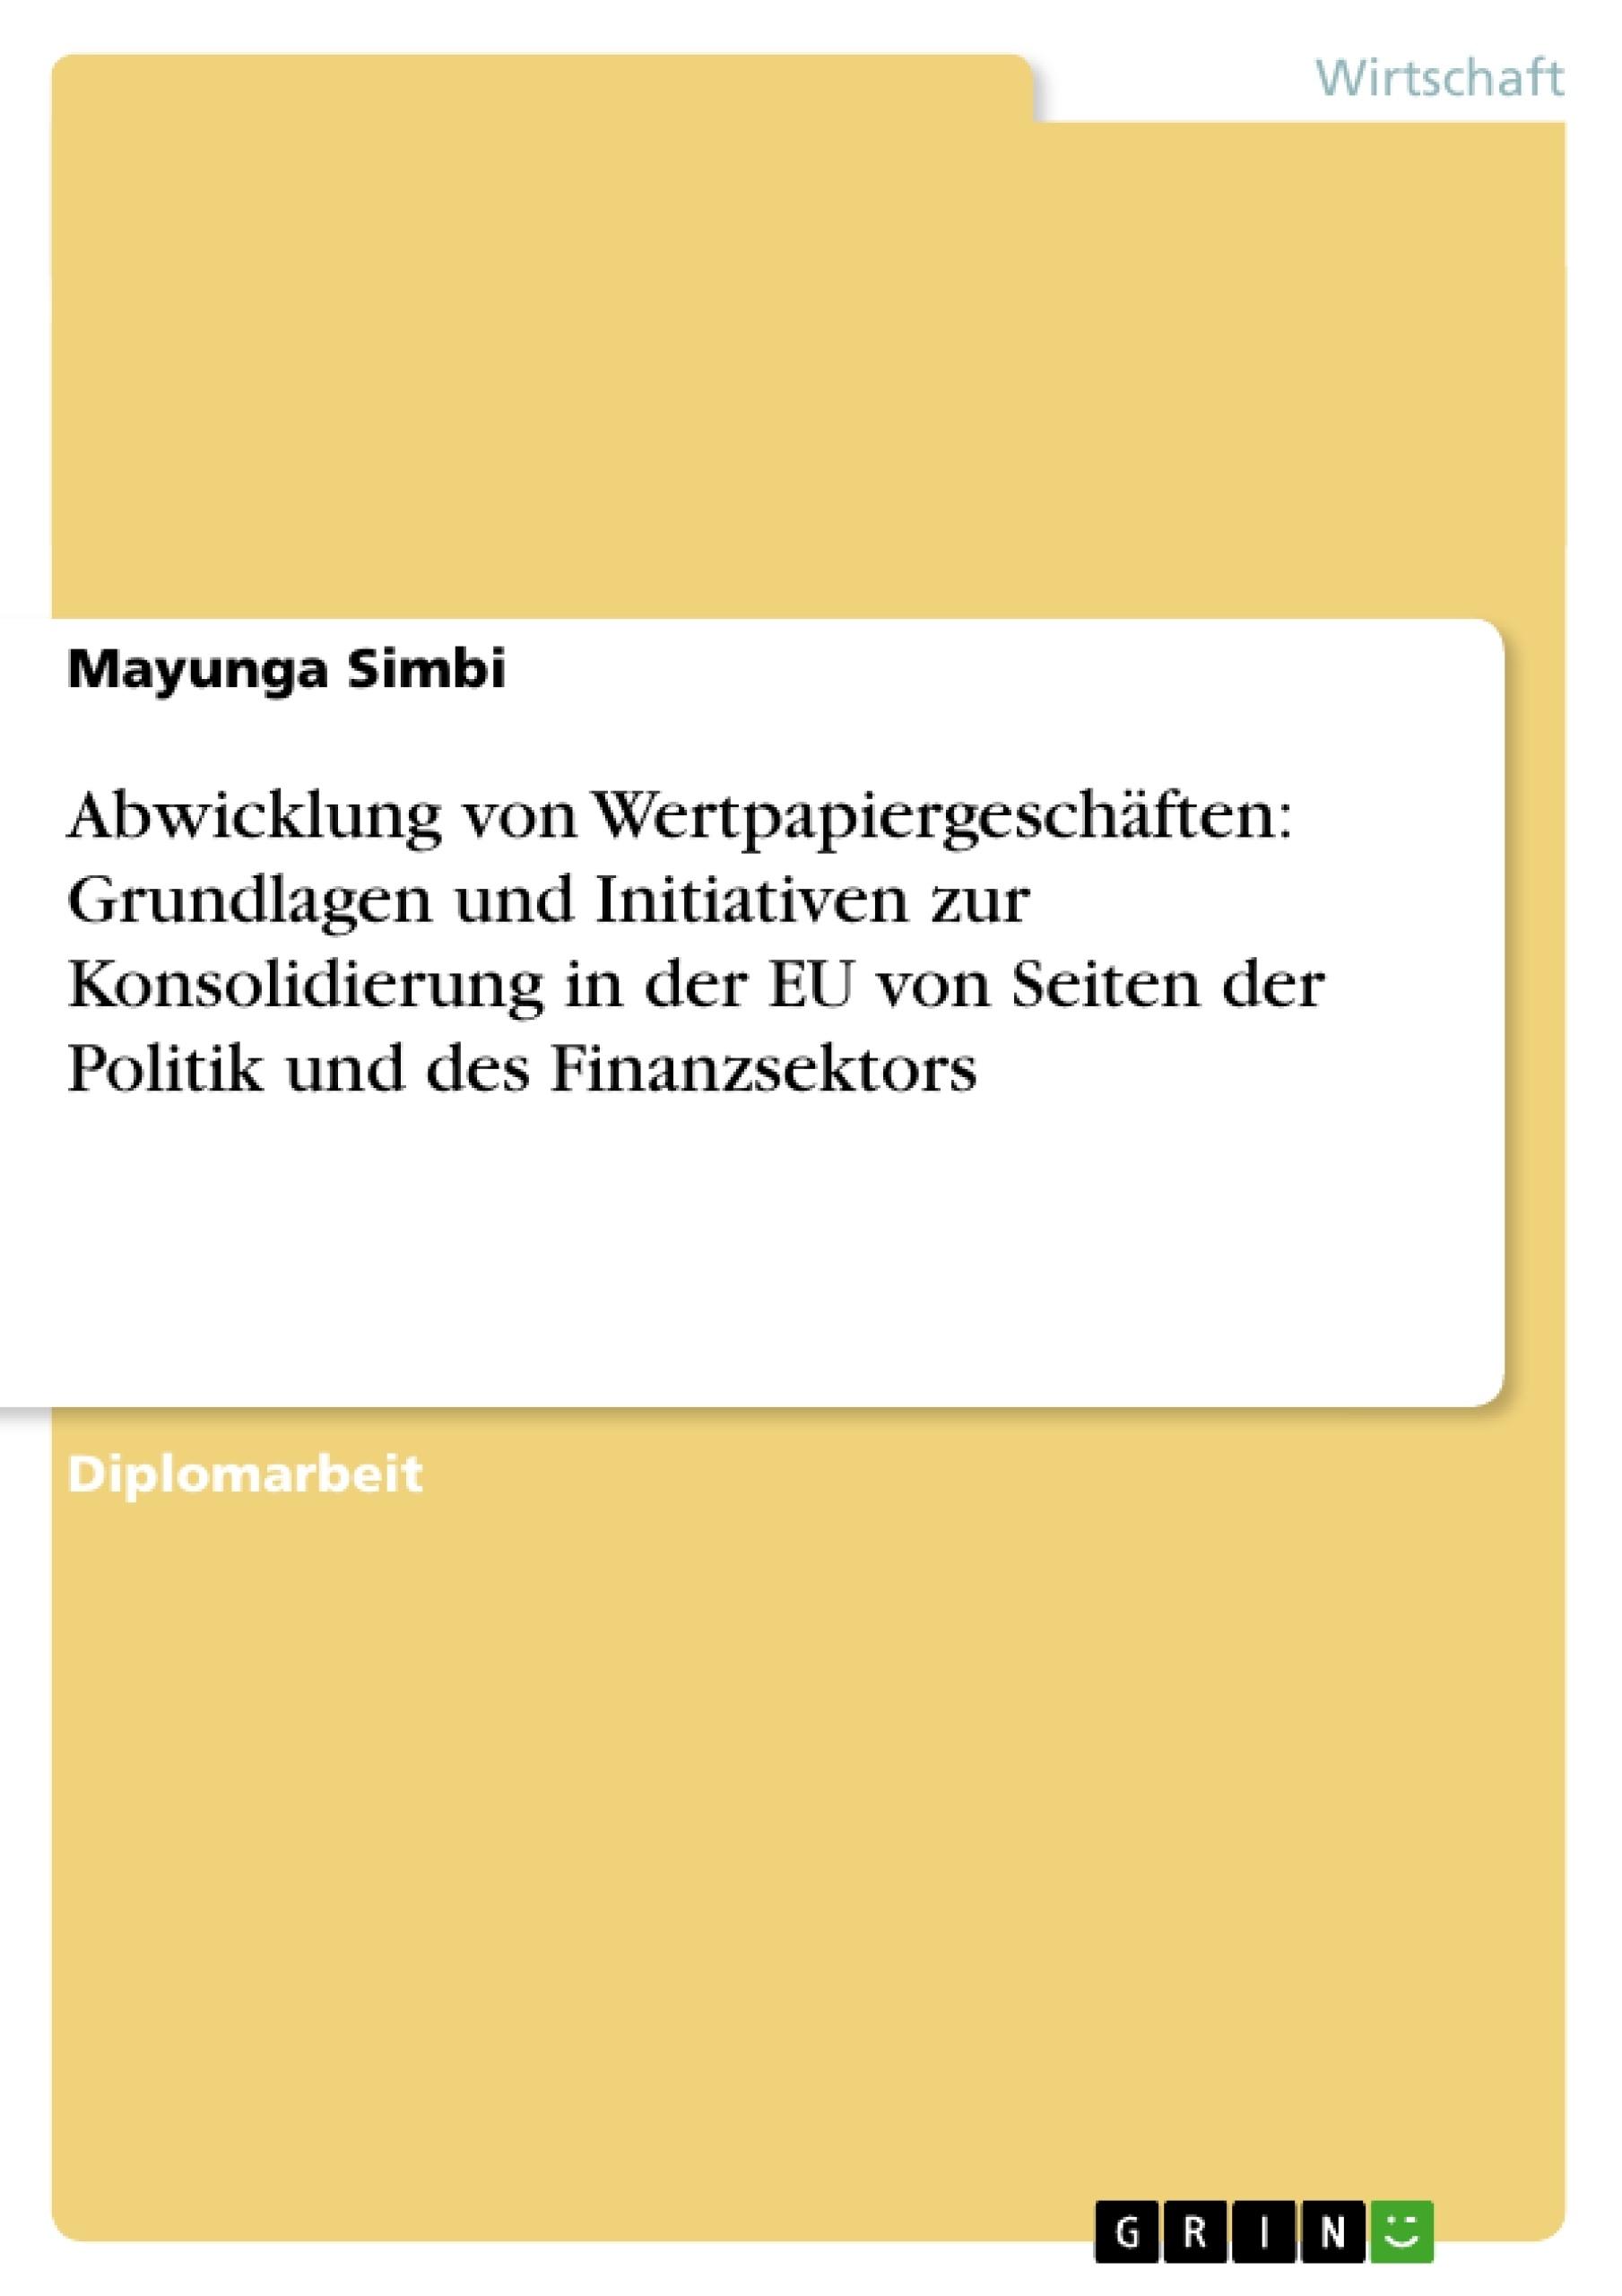 Titel: Abwicklung von Wertpapiergeschäften: Grundlagen und Initiativen zur Konsolidierung in der EU von Seiten der Politik und des Finanzsektors